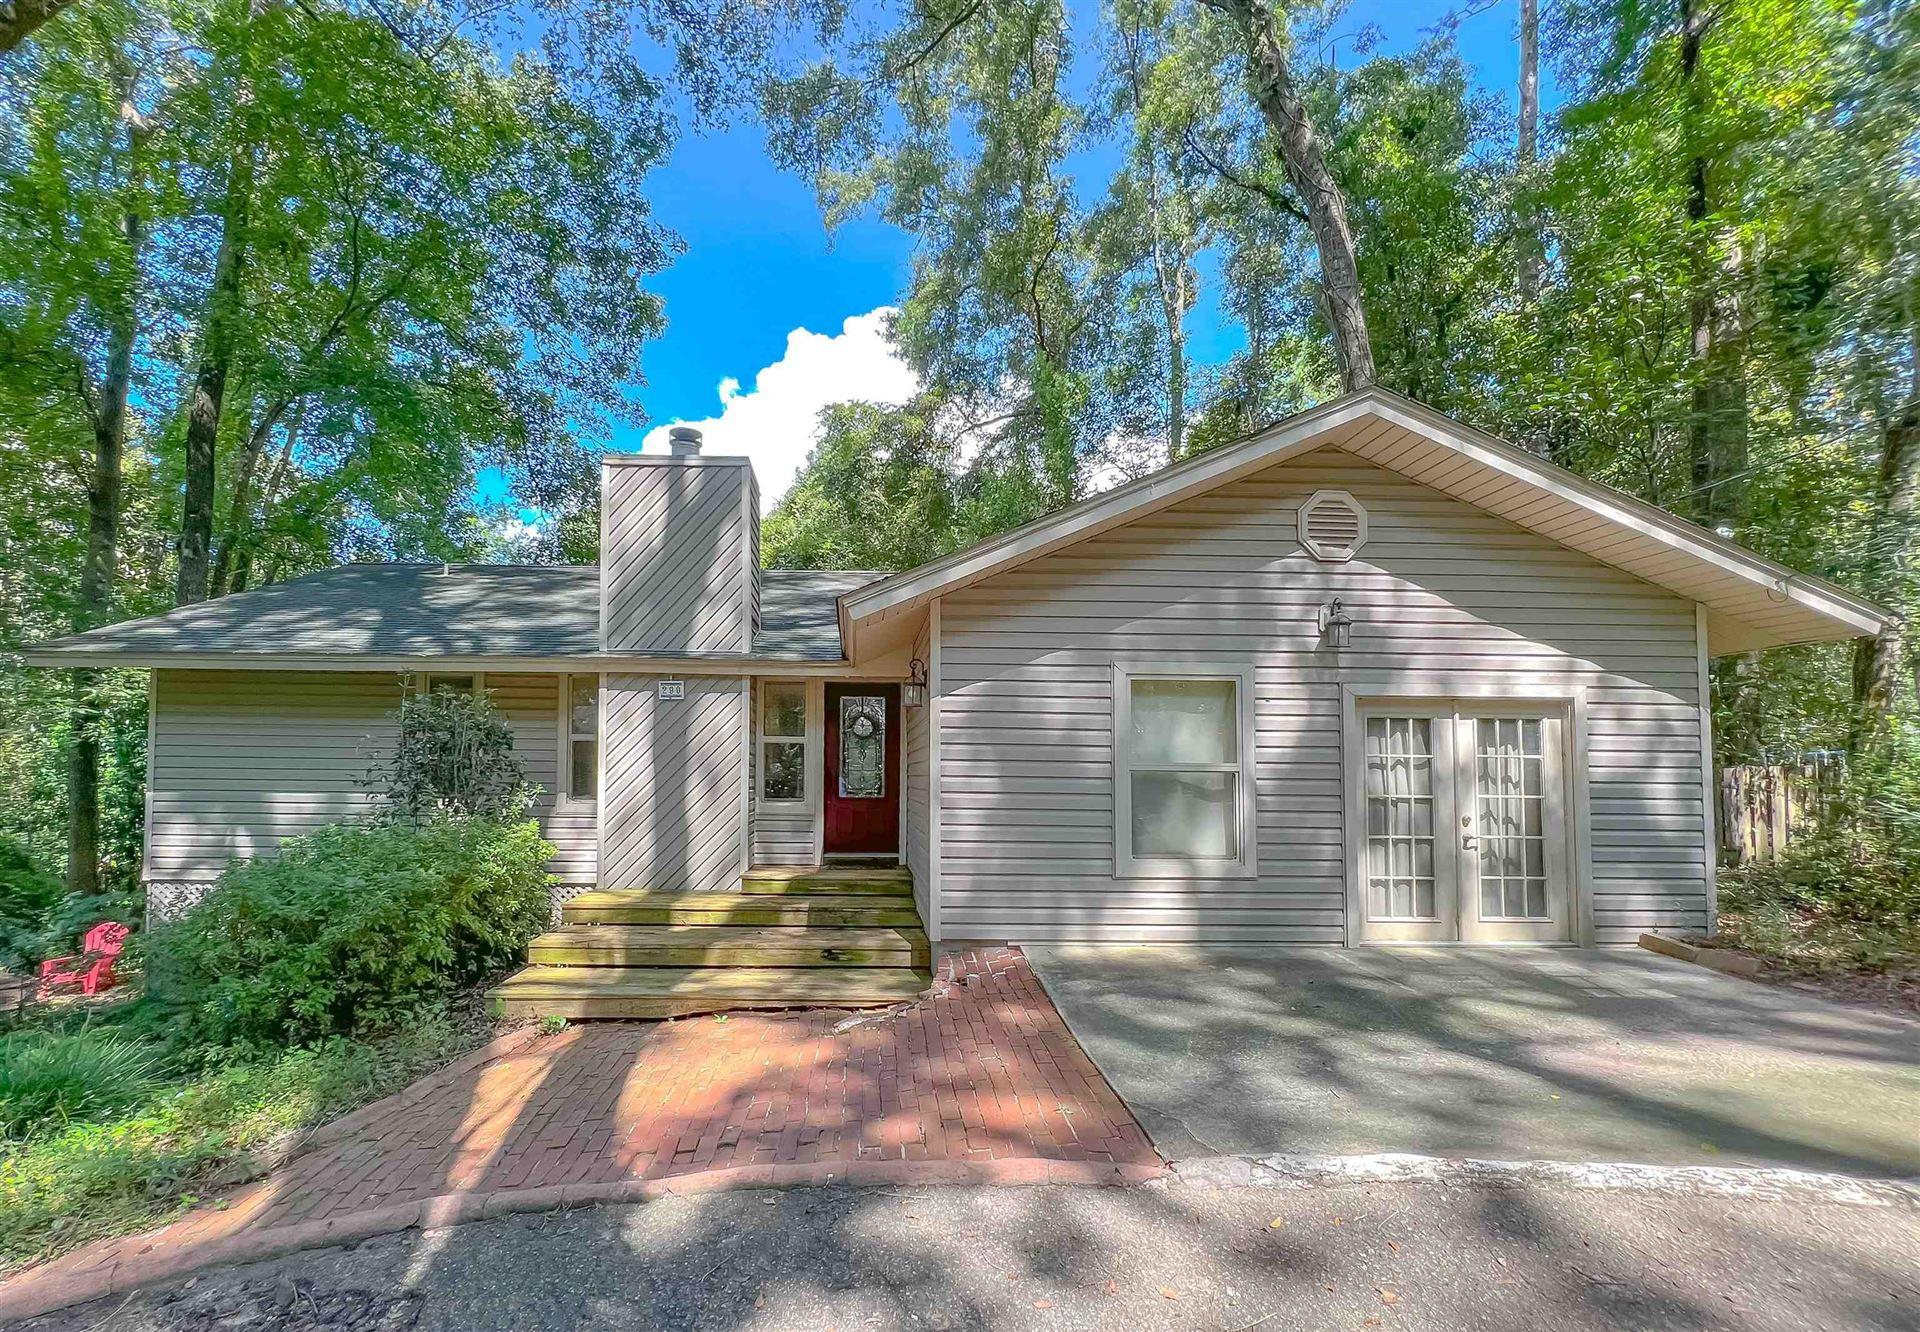 290 Fern Hollow Road, Tallahassee, FL 32312 - MLS#: 338700